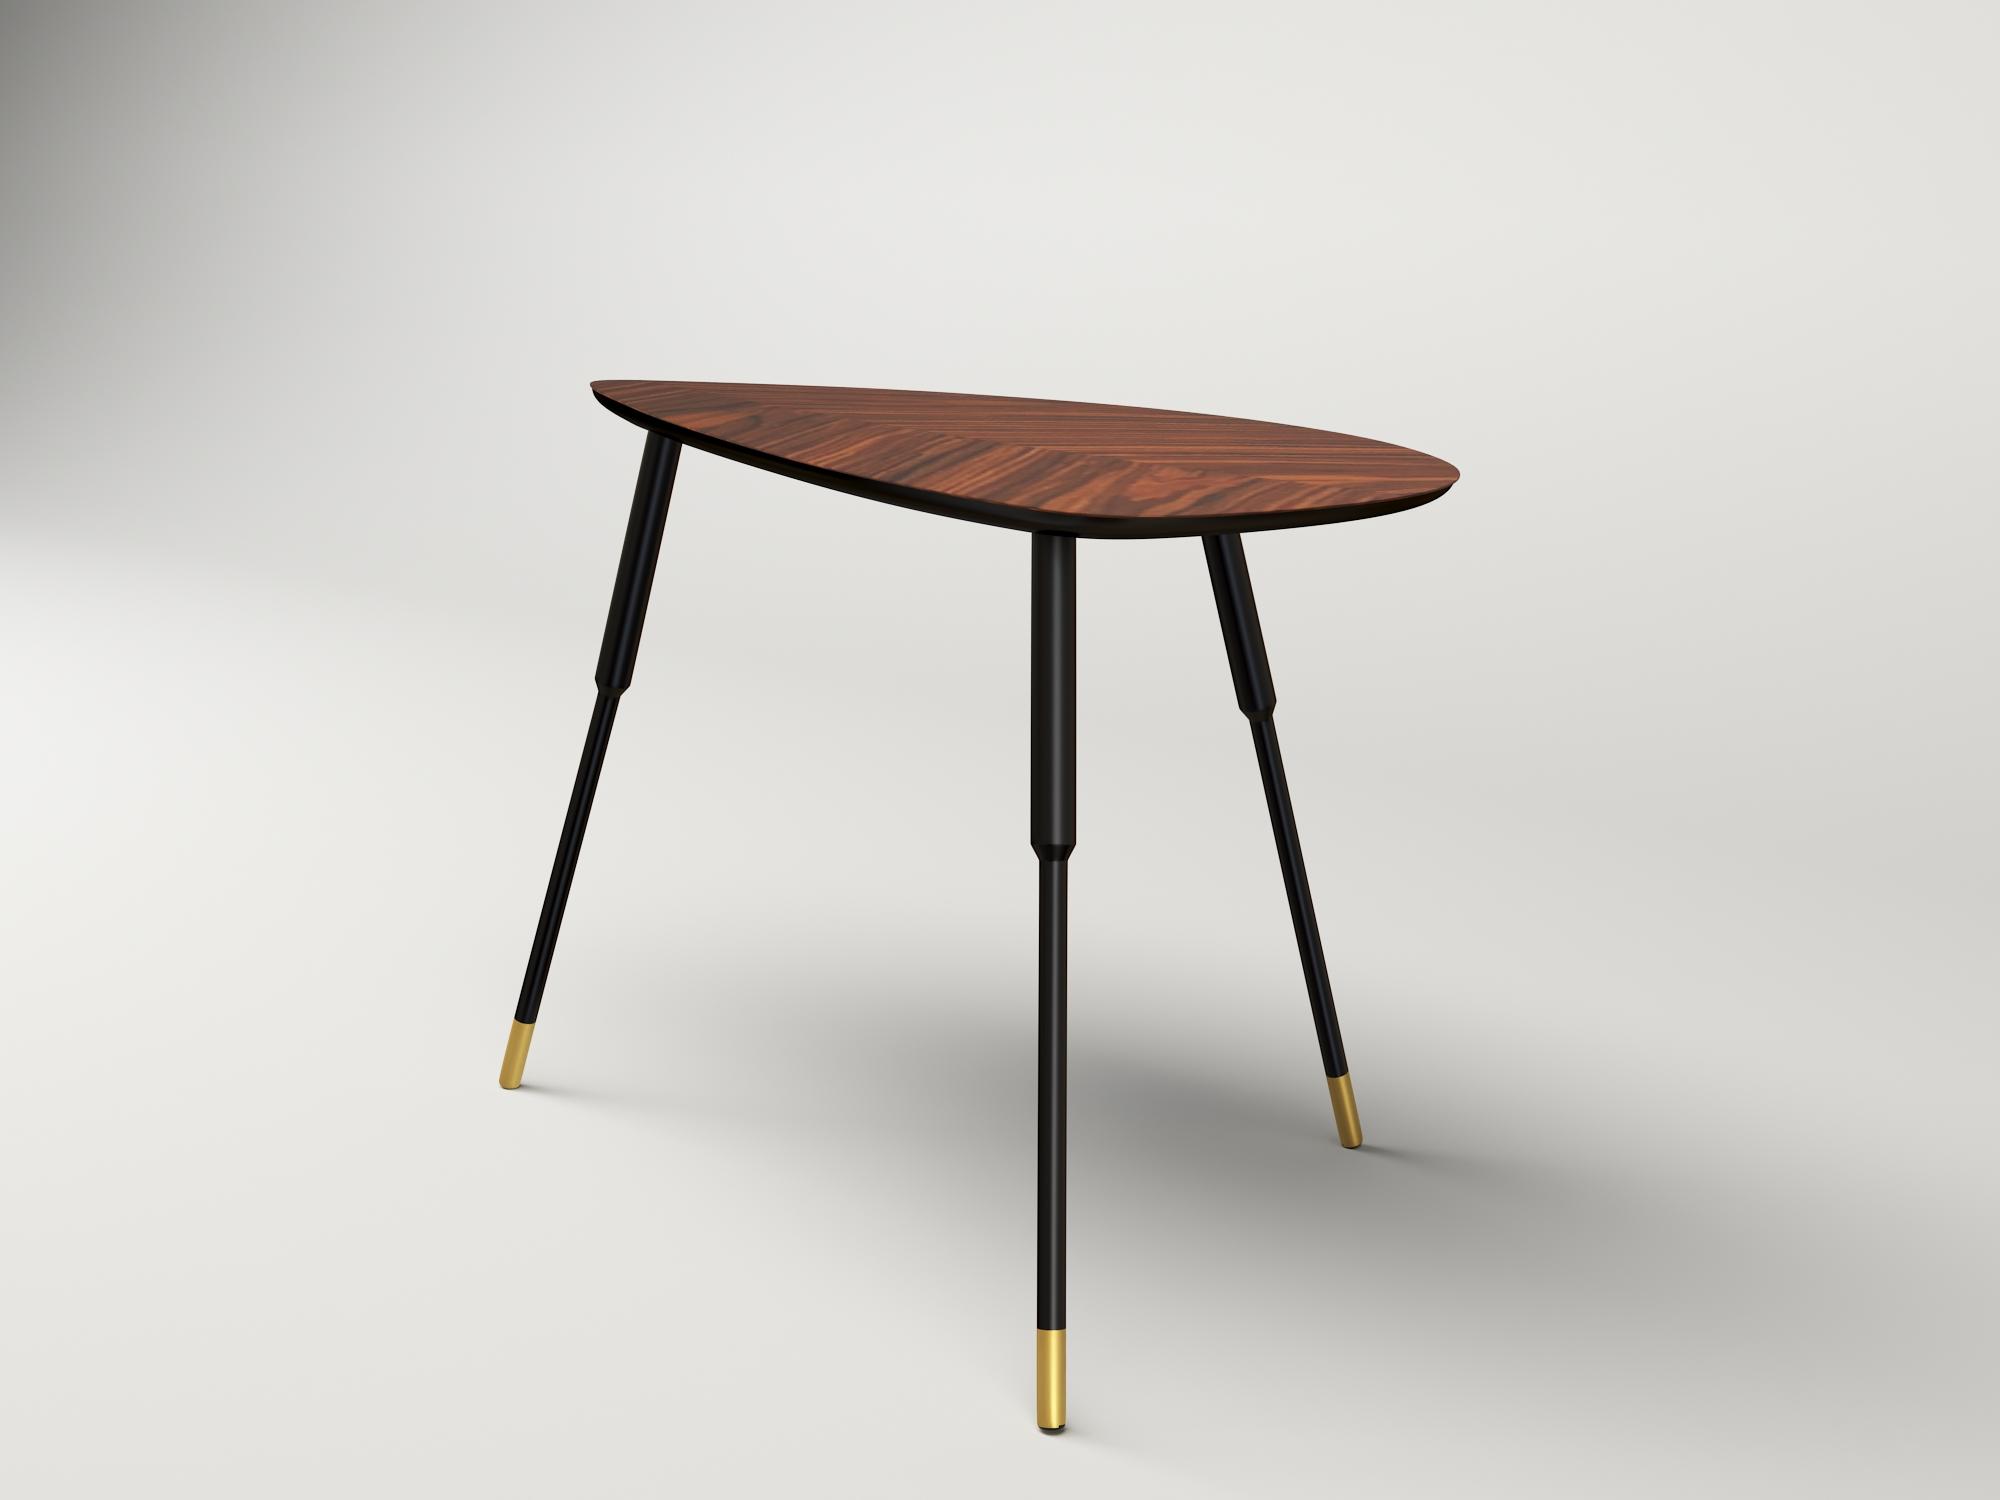 Ragnars Table_196_V3_R1 (1).jpg